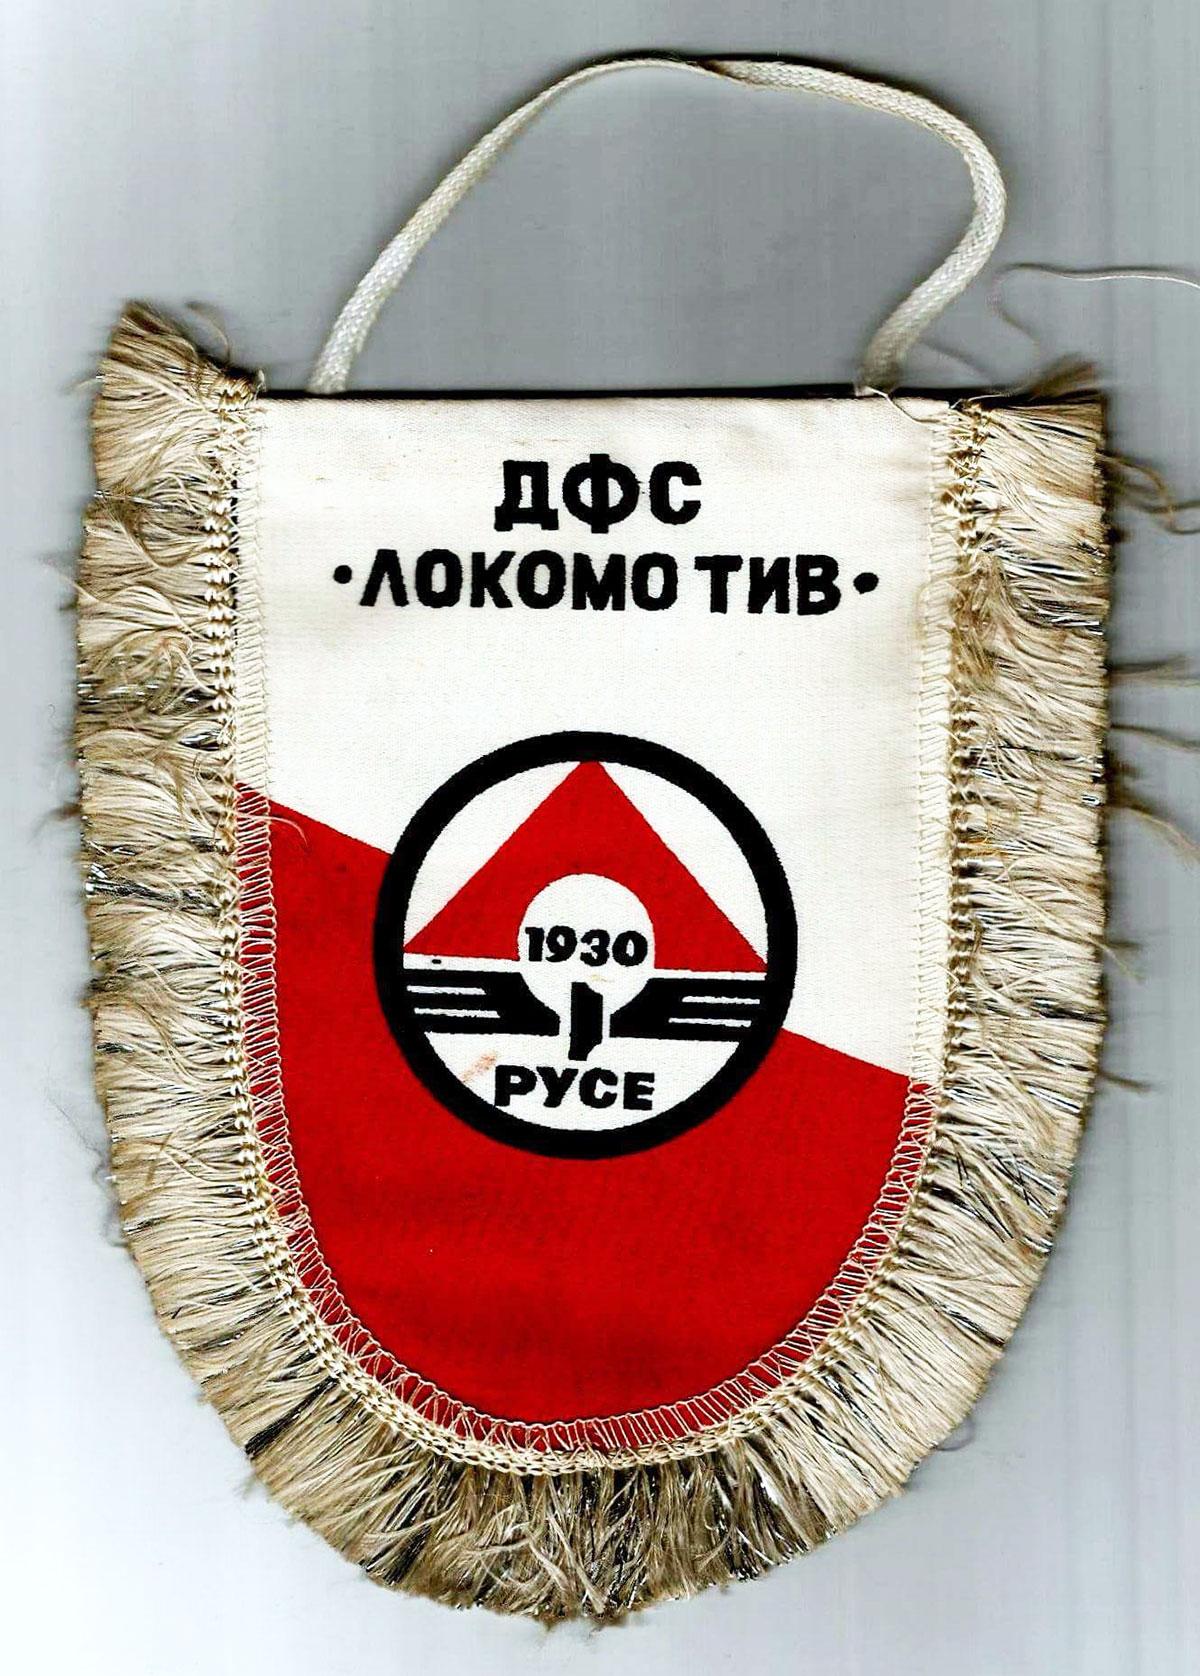 Флаг на ДФС Локомотив (Русе)